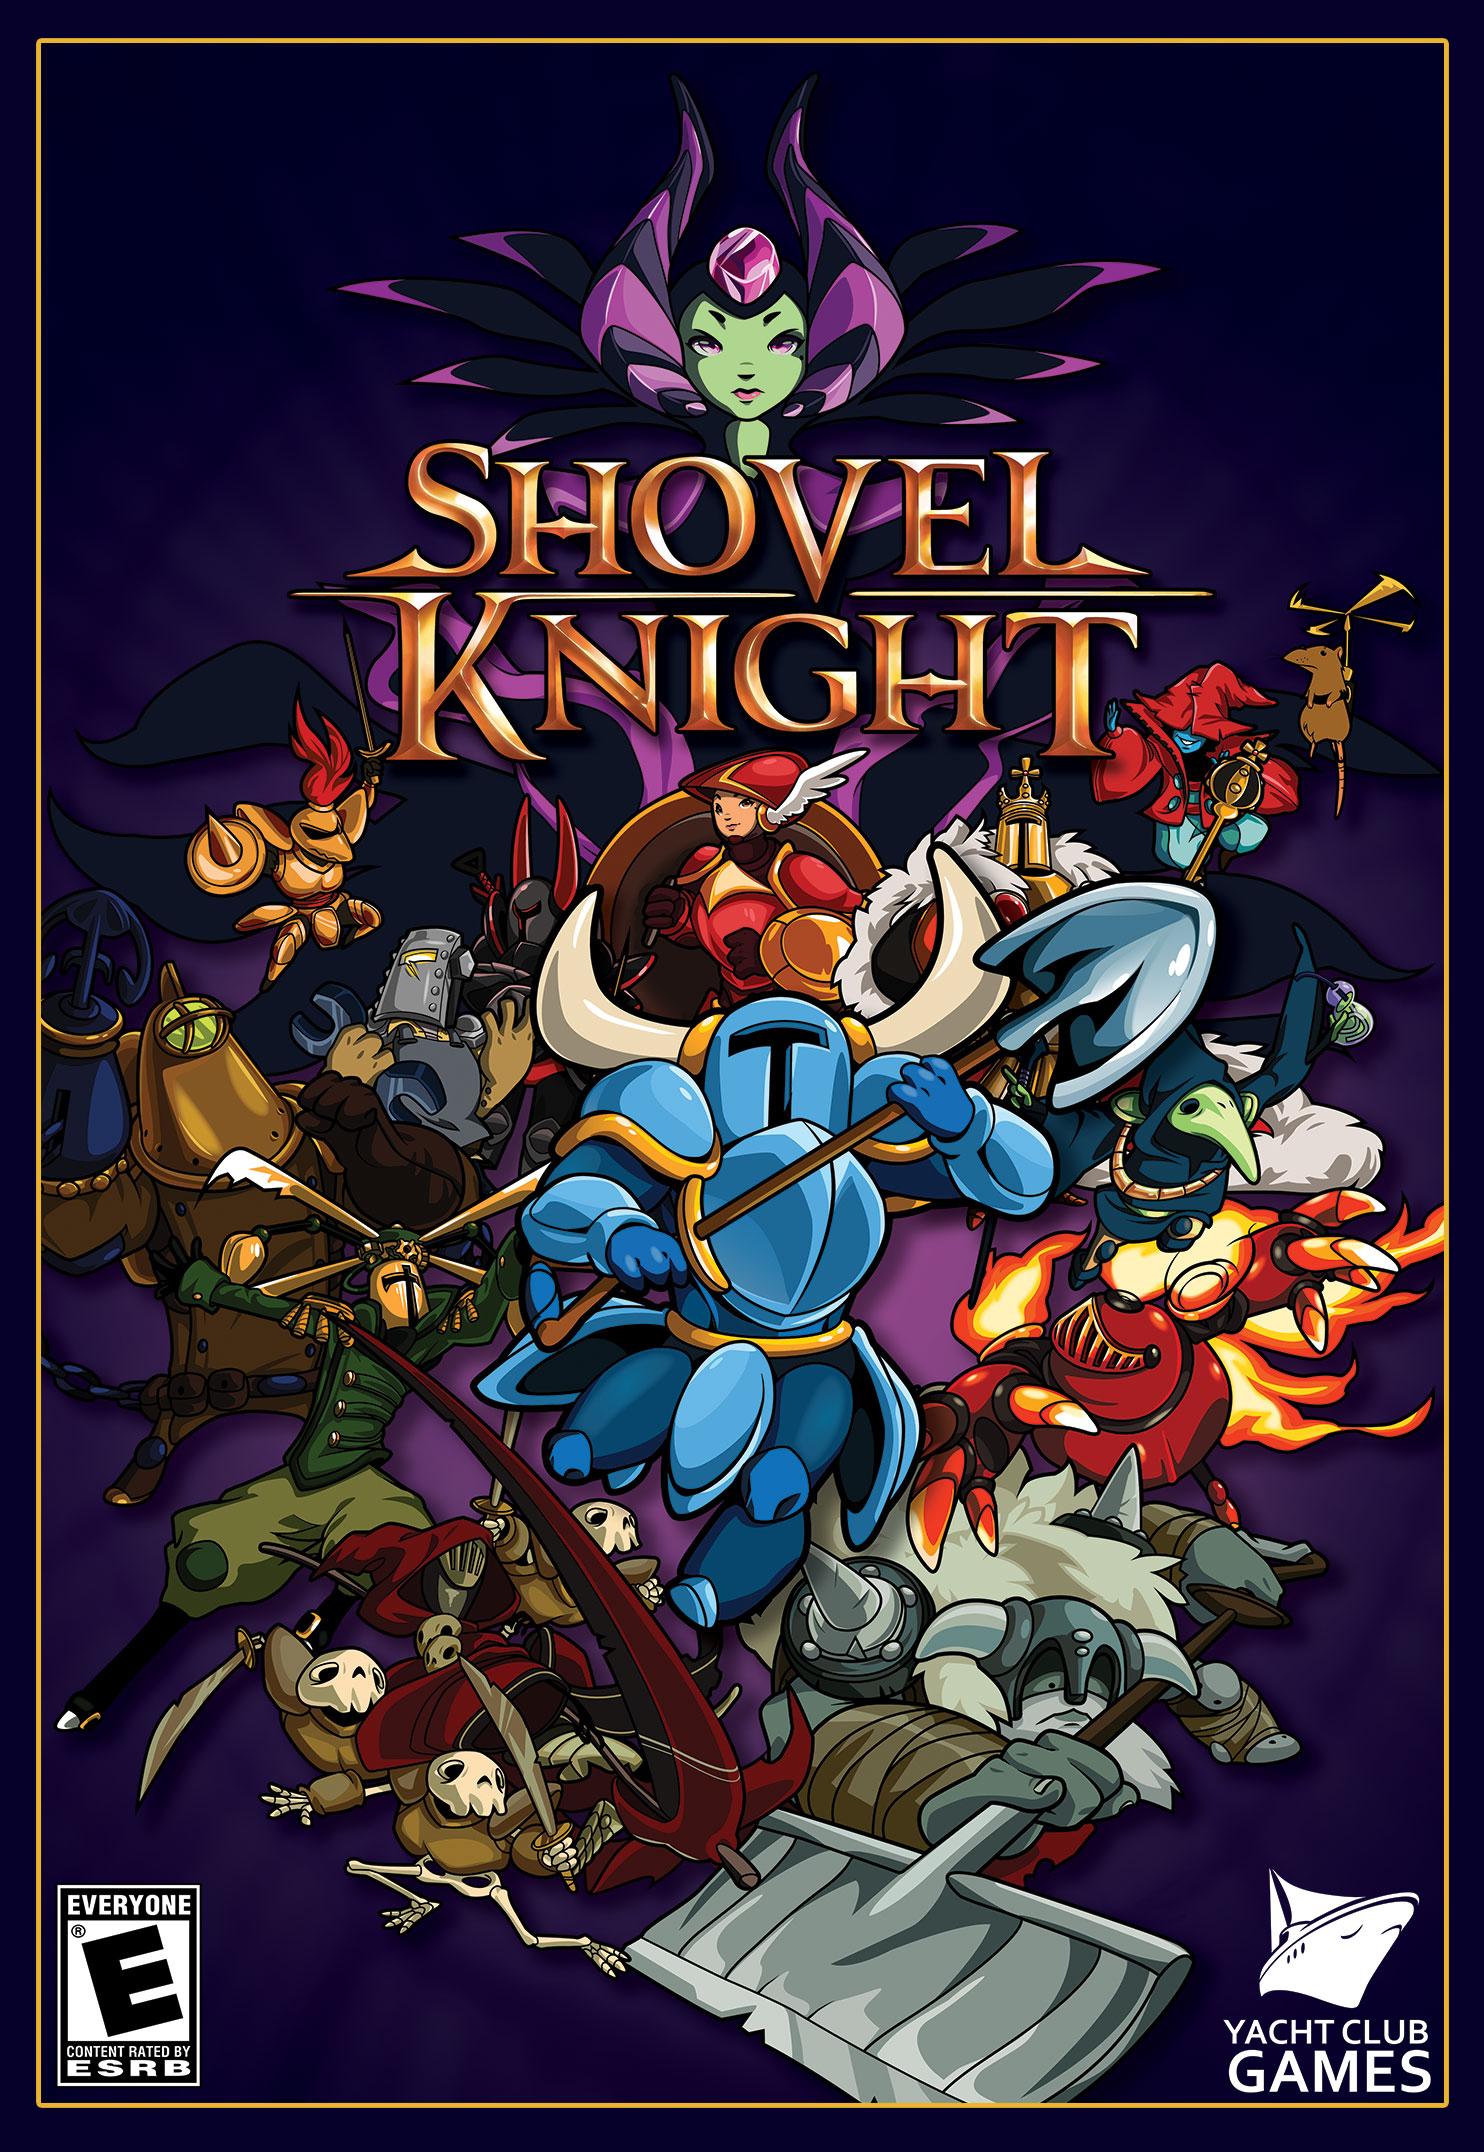 File:Shovel knight cover.jpg